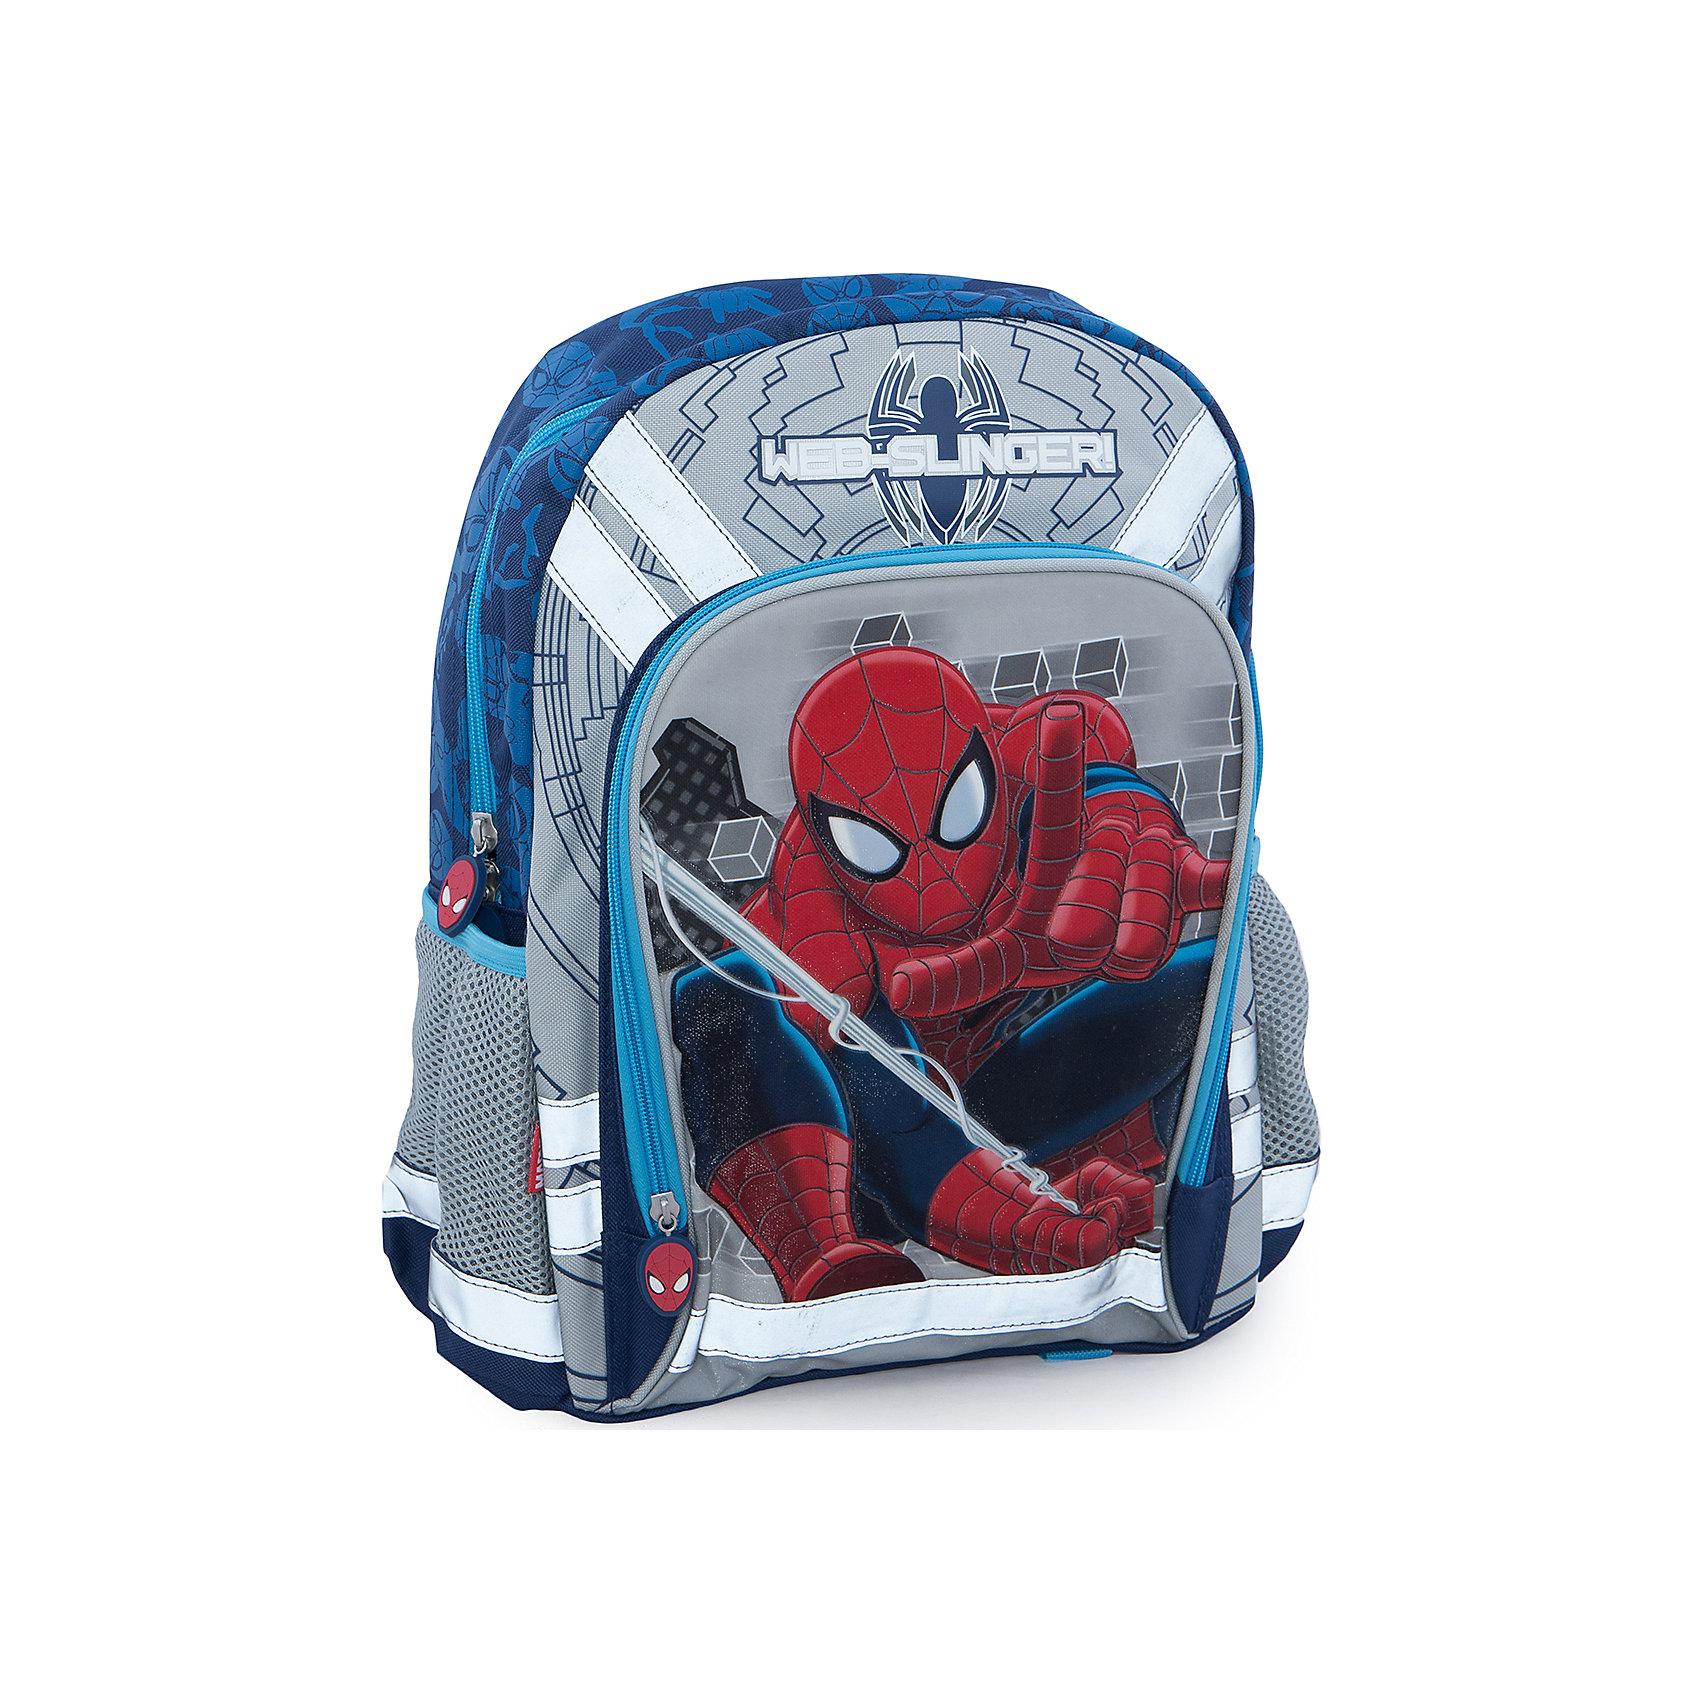 Школьный рюкзак, Человек-ПаукРюкзак украшен изображением любимого героя всех мальчиков - Spider-man (Человек-паук). У рюкзака уплотненная спинка с вентиляционной сеткой, два отделения, внутри основного отделения находятся два разделителя, внутри другого отделения расположен карман-сетка на резинке.<br>Два кармана по бокам рюкзака. Один карман на липучке и сетчатый карман на резинке.<br>Полумягкая уплотненная спинка выполнена с использованием высокотехнологичного упругого материала (EVA) и специально расположенных ортопедических элементов с воздухообменной сеткой, служащих для правильного и безопасного распределения нагрузки на спину ребенка.<br>Лямки рюкзака специальной S-образной формы с поролоном и воздухообменной сеткой регулируются по длине. Данные конструктивные особенности помогут обеспечить максимальный комфорт при ношении рюкзака за спиной ребенку любой комплекции.<br>Текстильная ручка с резиновым обхватом.<br><br>Дополнительная информация:<br><br>- размер 39 х 31 х 12 см. <br>- вес: 579 гр.<br><br>Рюкзак  Spider Man можно купить в нашем магазине.<br><br>Ширина мм: 400<br>Глубина мм: 300<br>Высота мм: 130<br>Вес г: 579<br>Возраст от месяцев: 48<br>Возраст до месяцев: 84<br>Пол: Мужской<br>Возраст: Детский<br>SKU: 3562969